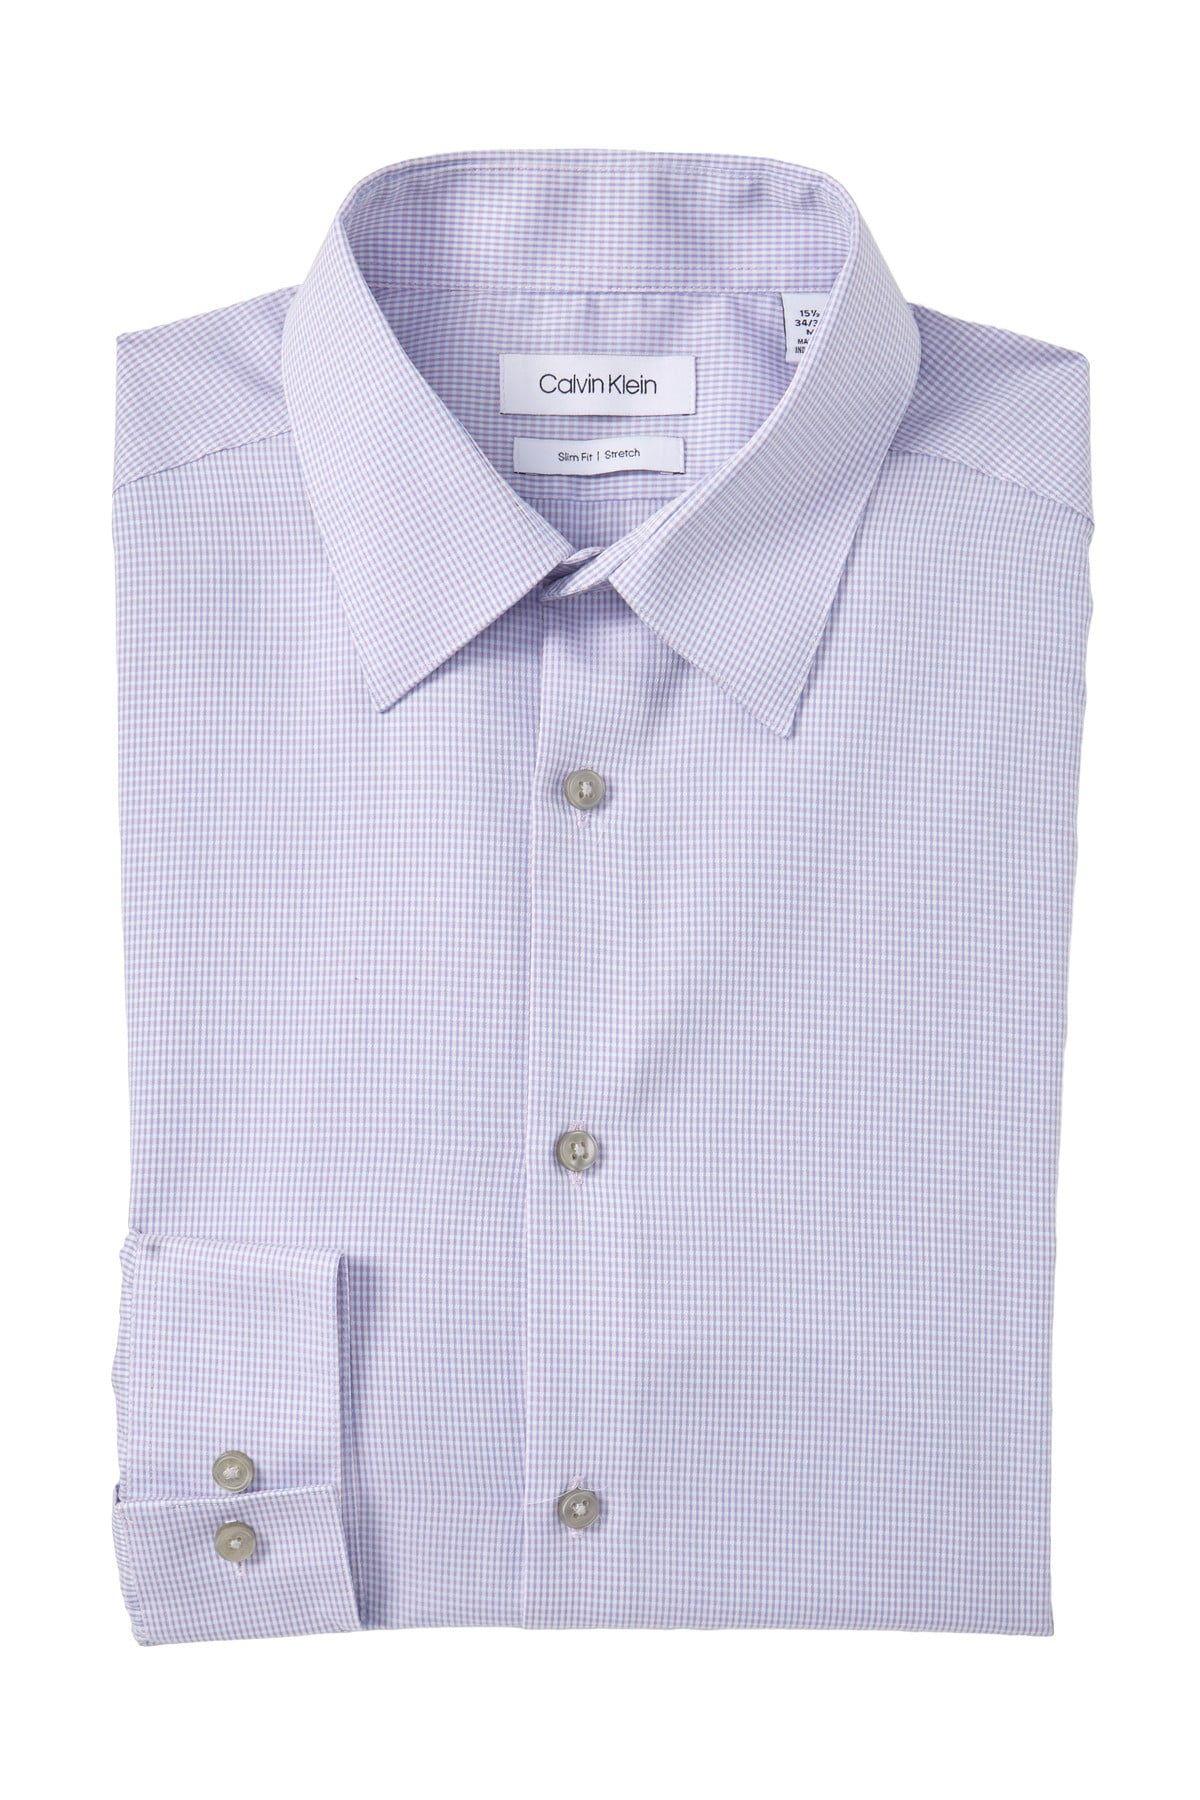 47++ Calvin klein dress shirts info